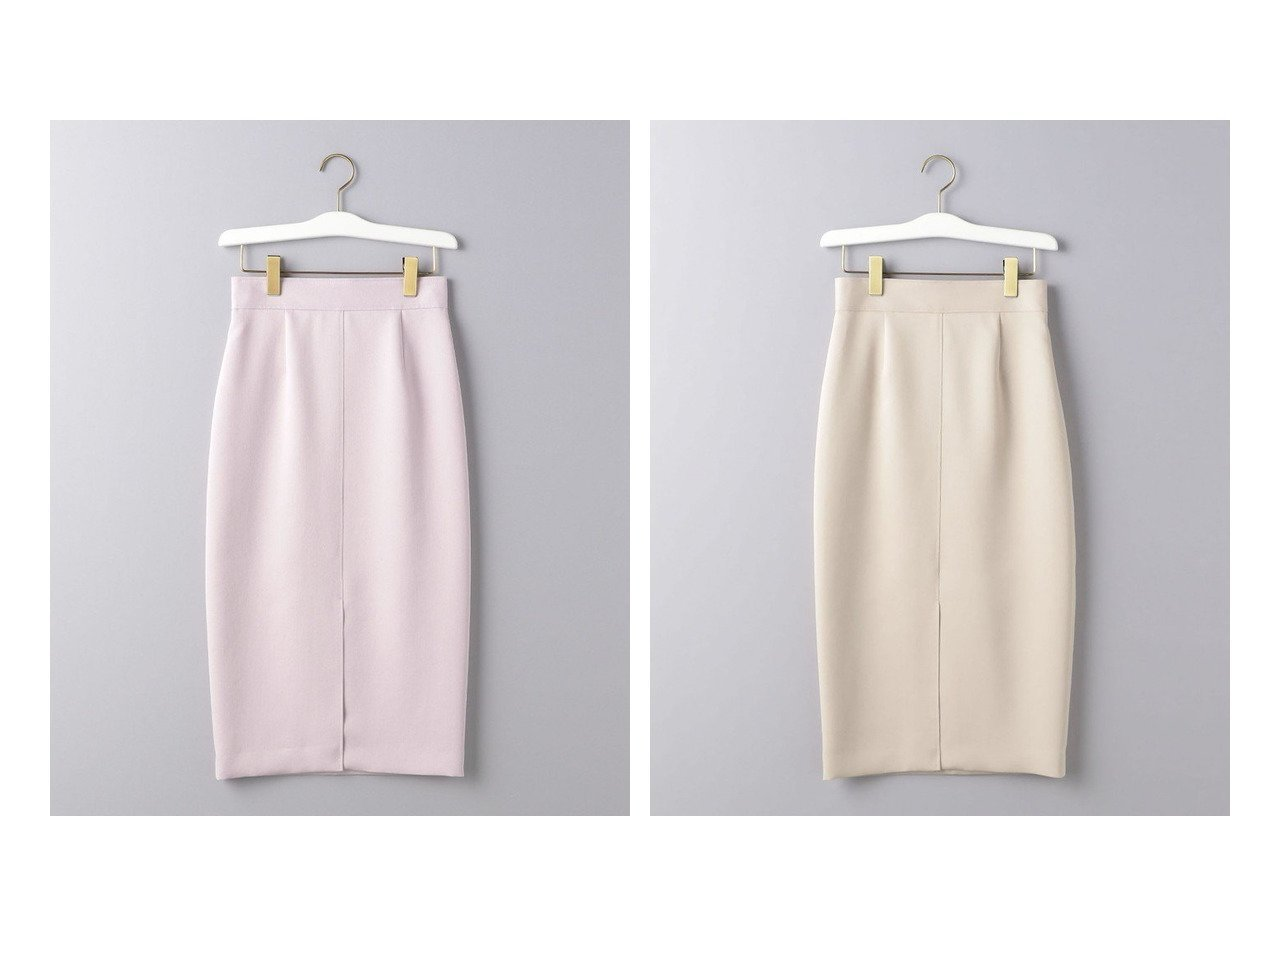 【UNITED ARROWS/ユナイテッドアローズ】のUBCB サテン フロントベントスカート スカートのおすすめ!人気、トレンド・レディースファッションの通販 おすすめで人気の流行・トレンド、ファッションの通販商品 メンズファッション・キッズファッション・インテリア・家具・レディースファッション・服の通販 founy(ファニー) https://founy.com/ ファッション Fashion レディースファッション WOMEN スカート Skirt NEW・新作・新着・新入荷 New Arrivals サテン タイトスカート |ID:crp329100000024486